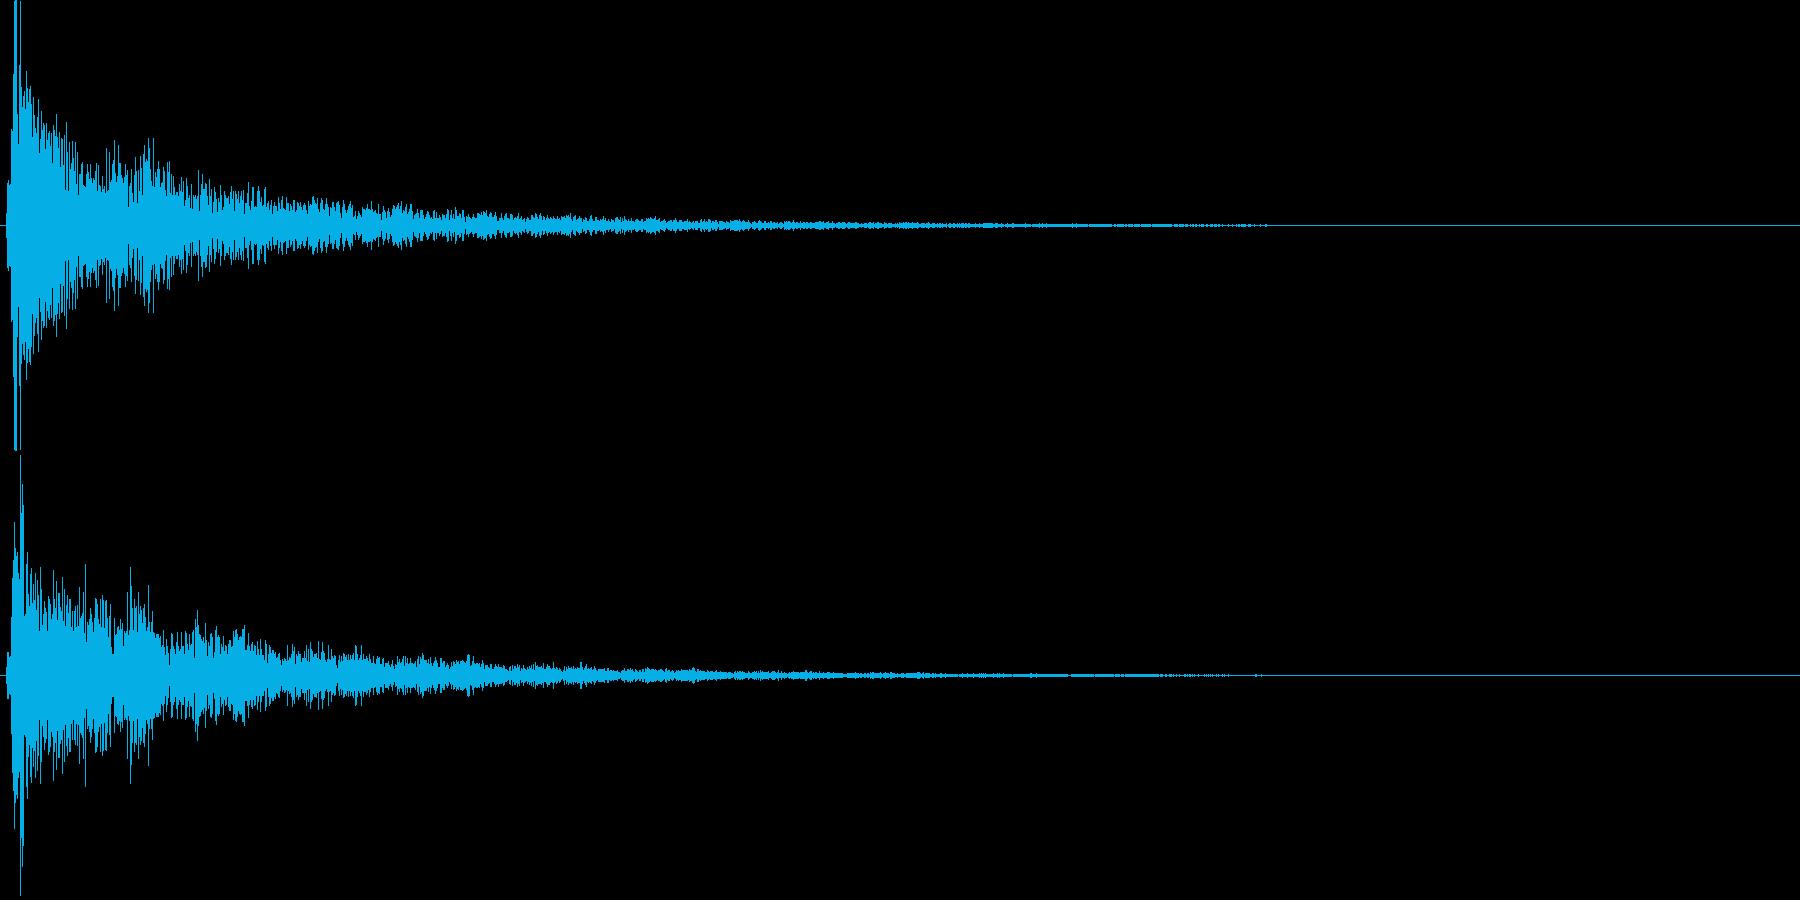 遠くへ響く神秘的な深いリバーブ音の再生済みの波形